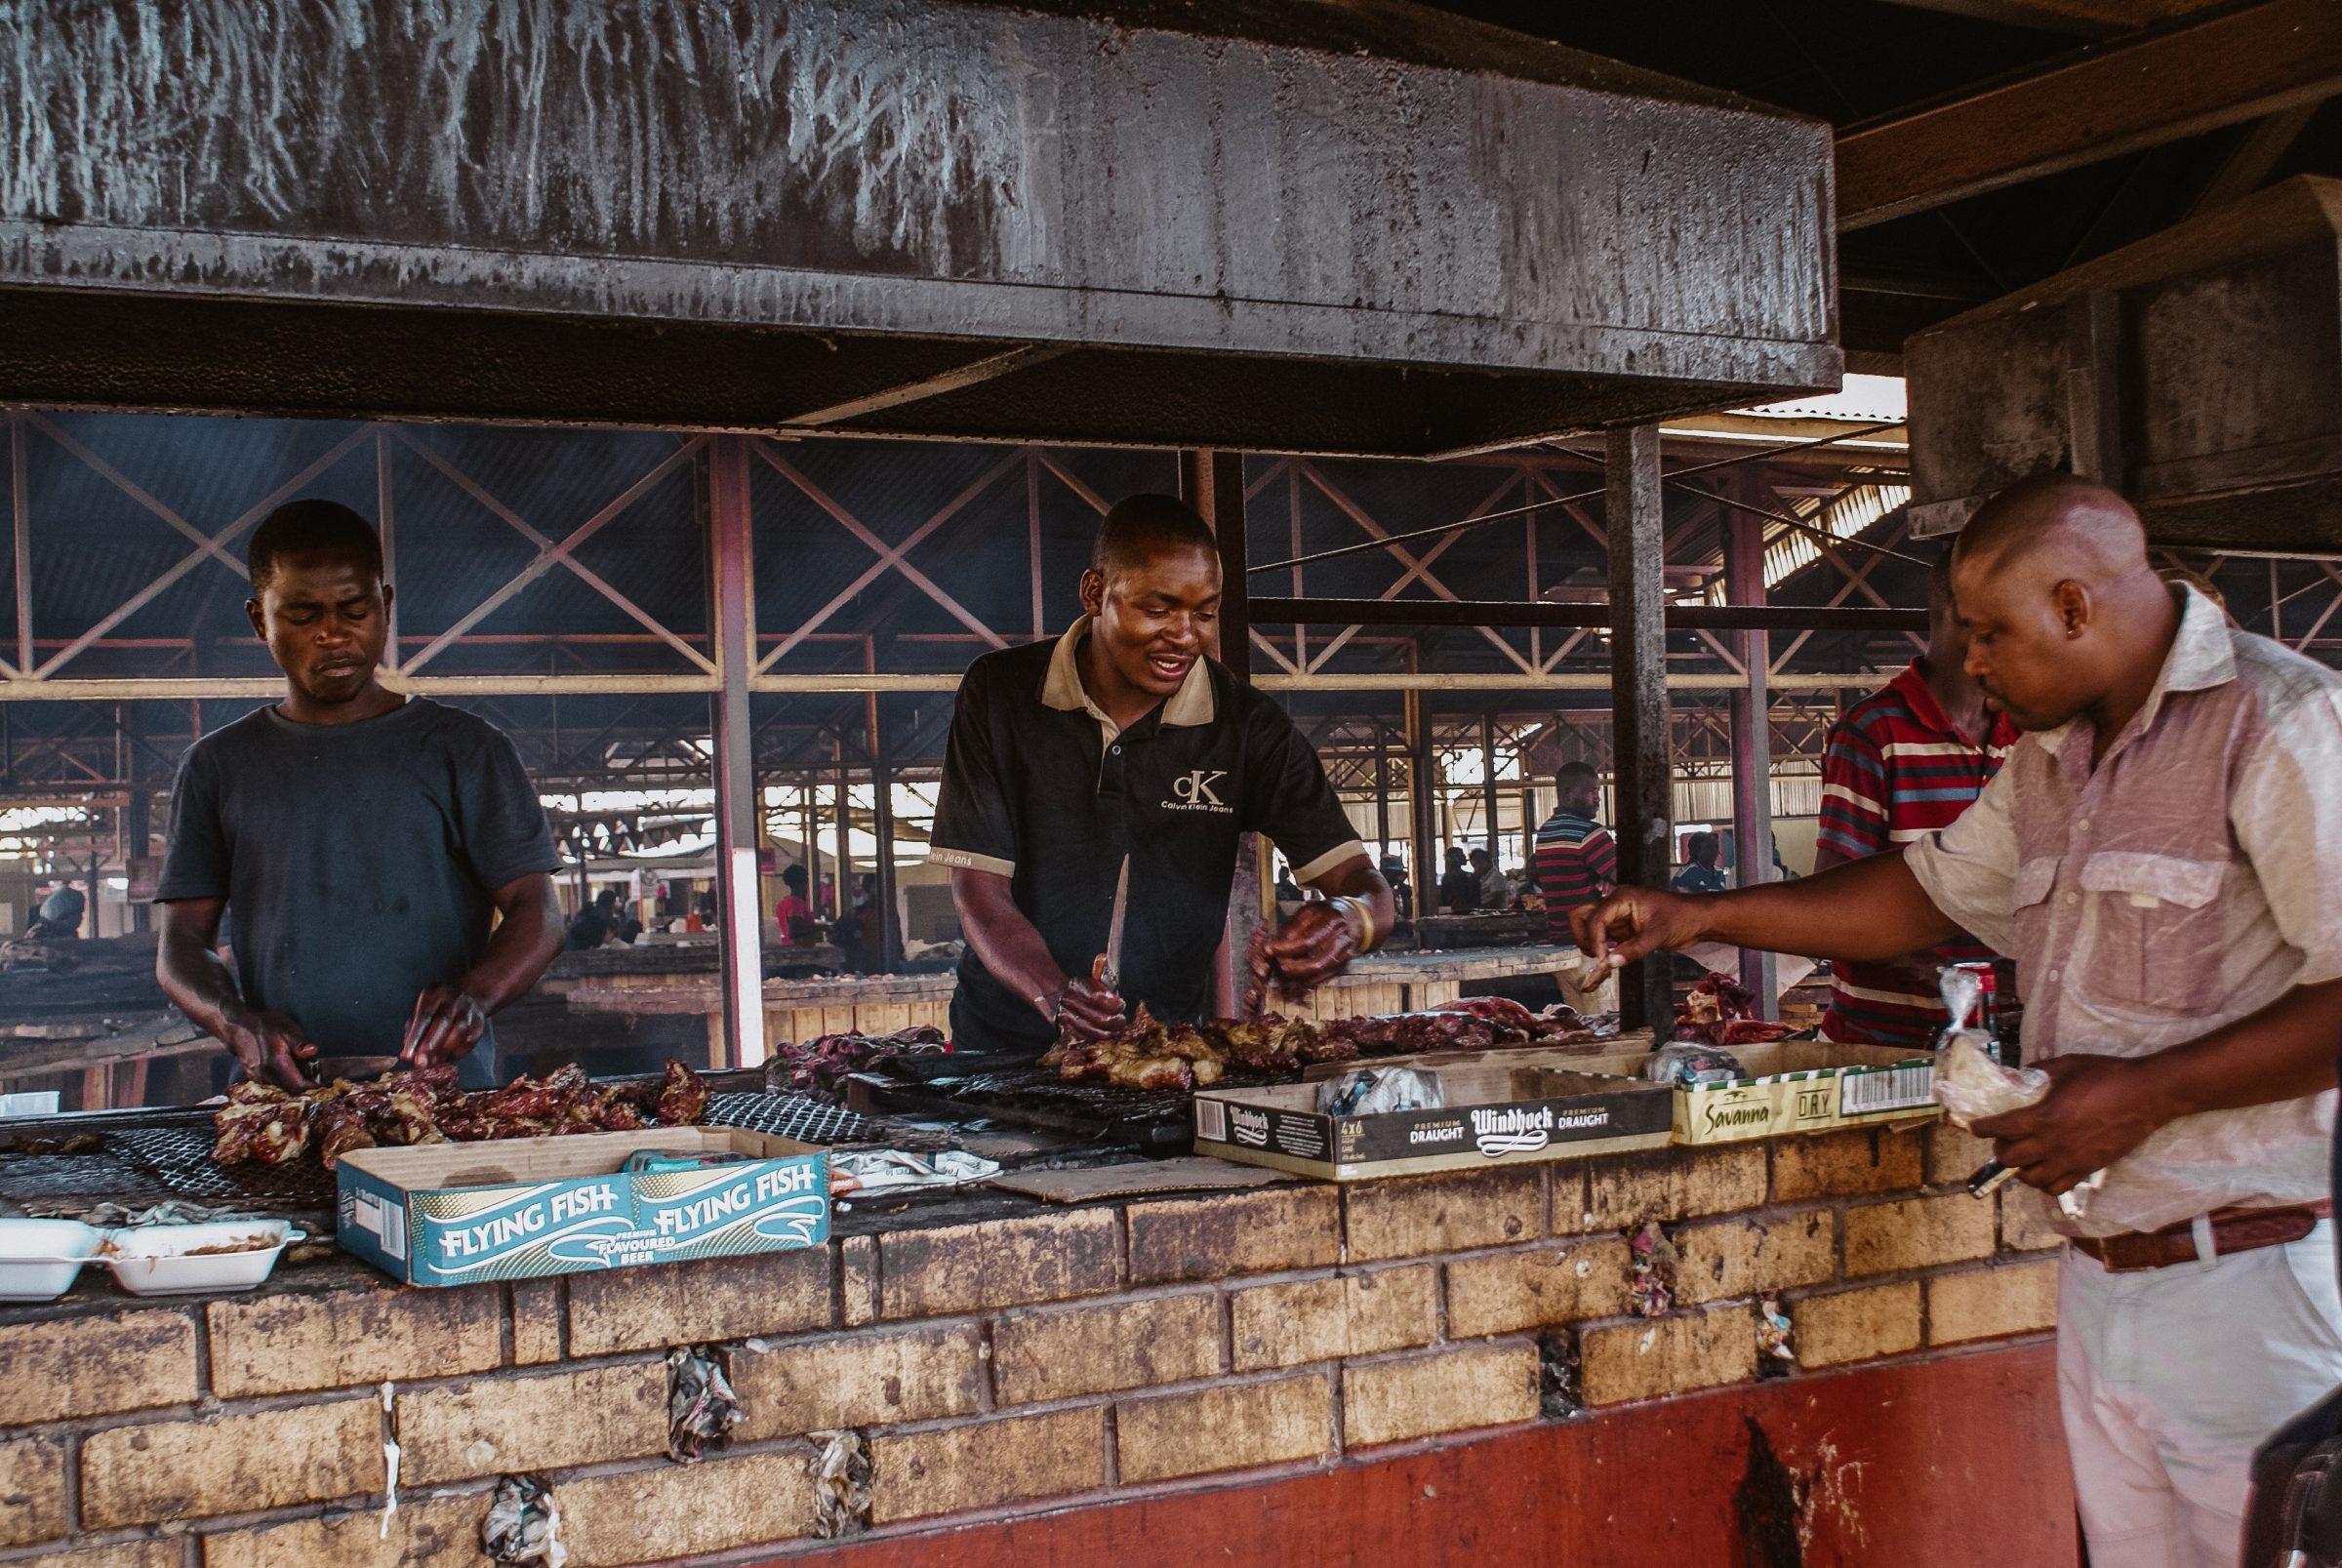 Verkoop van Kapana op een markt in Katatura